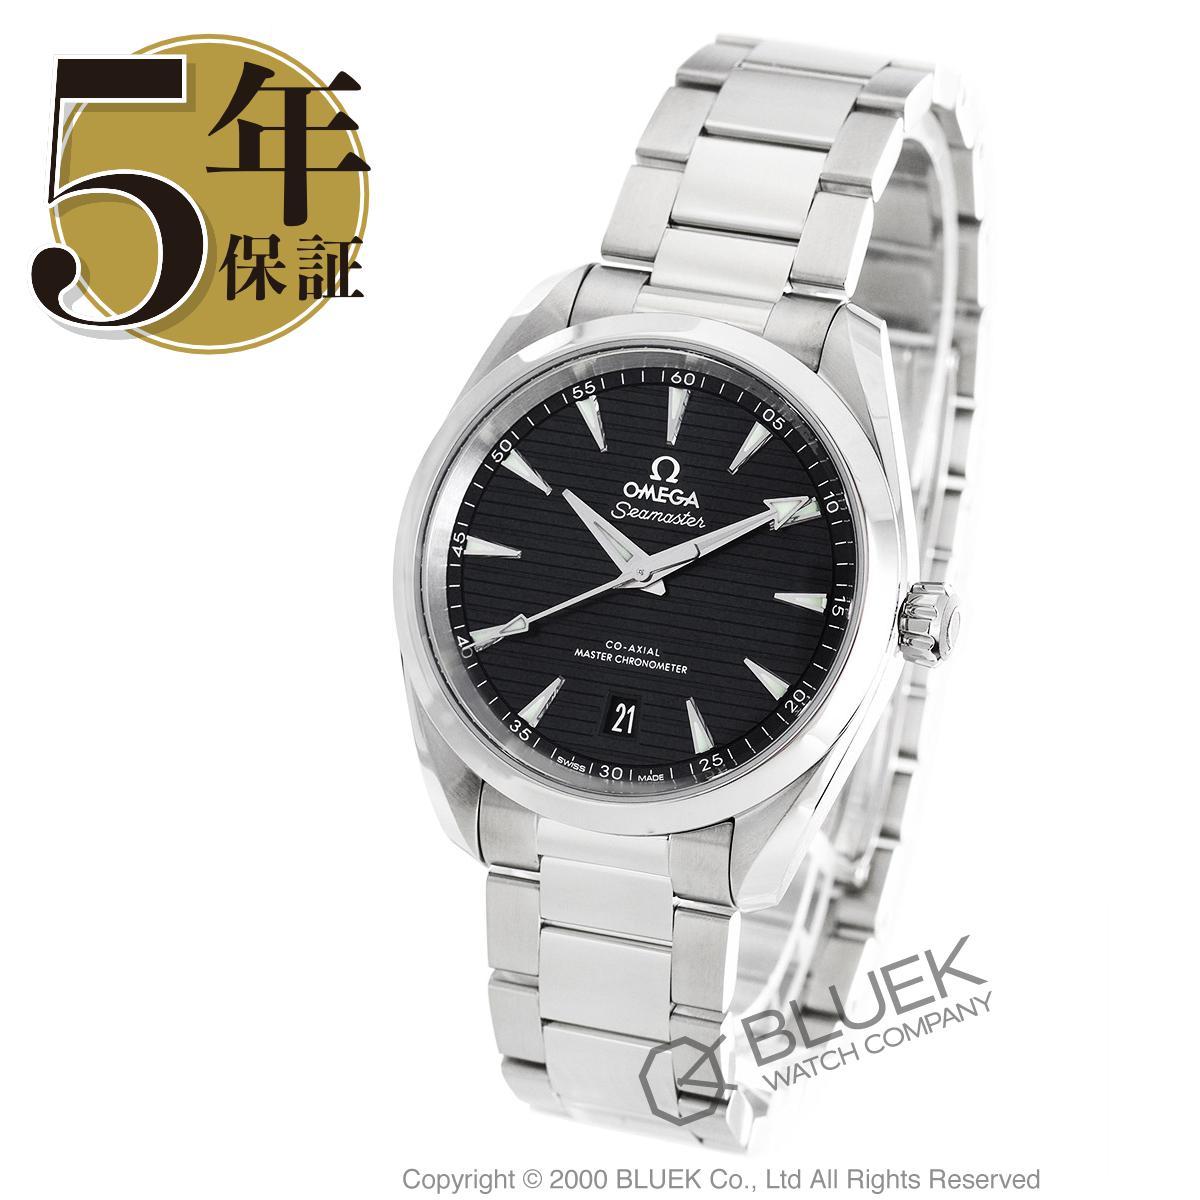 オメガ シーマスター アクアテラ マスタークロノメーター 腕時計 メンズ OMEGA 220.10.38.20.01.001_8 バーゲン 成人祝い ギフト プレゼント